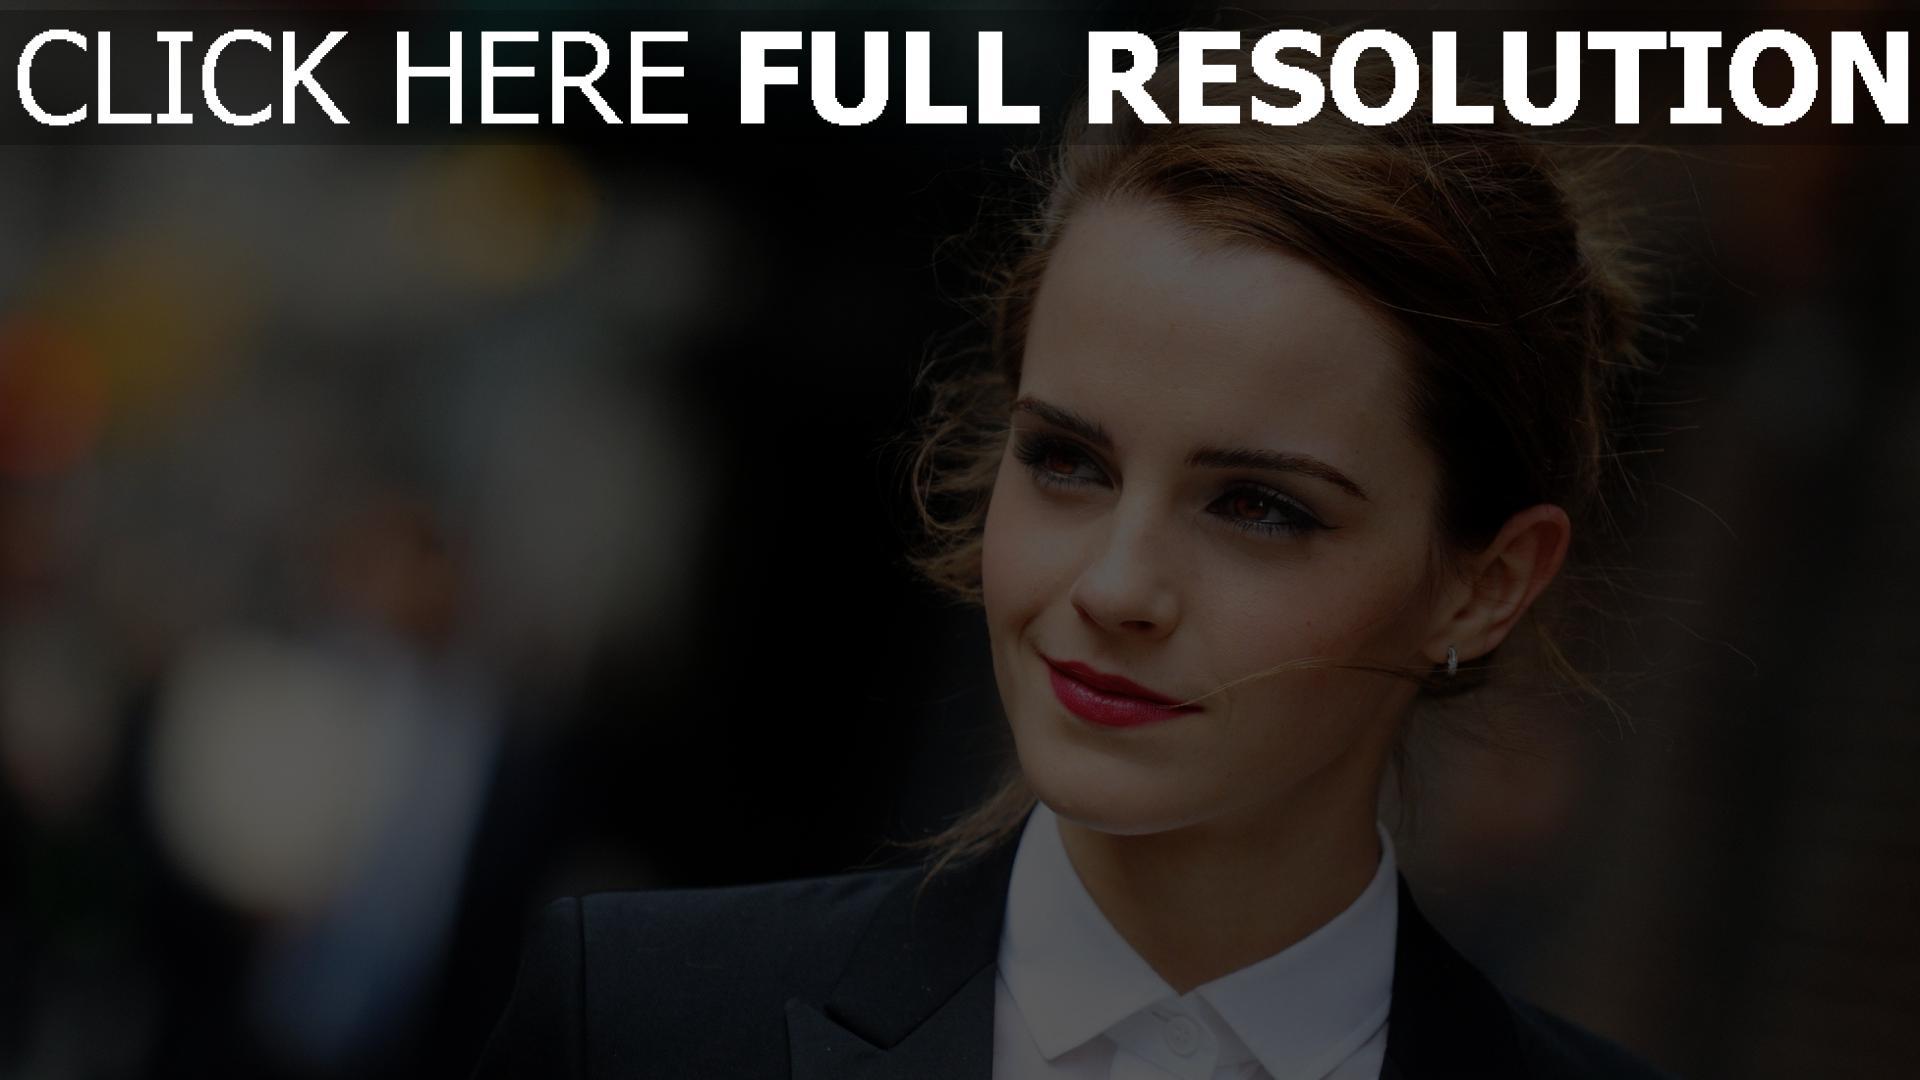 Regard Actrice Rouge Emma À D'écran Fond Élégant Lèvres Hd Watson If7bmY6gyv